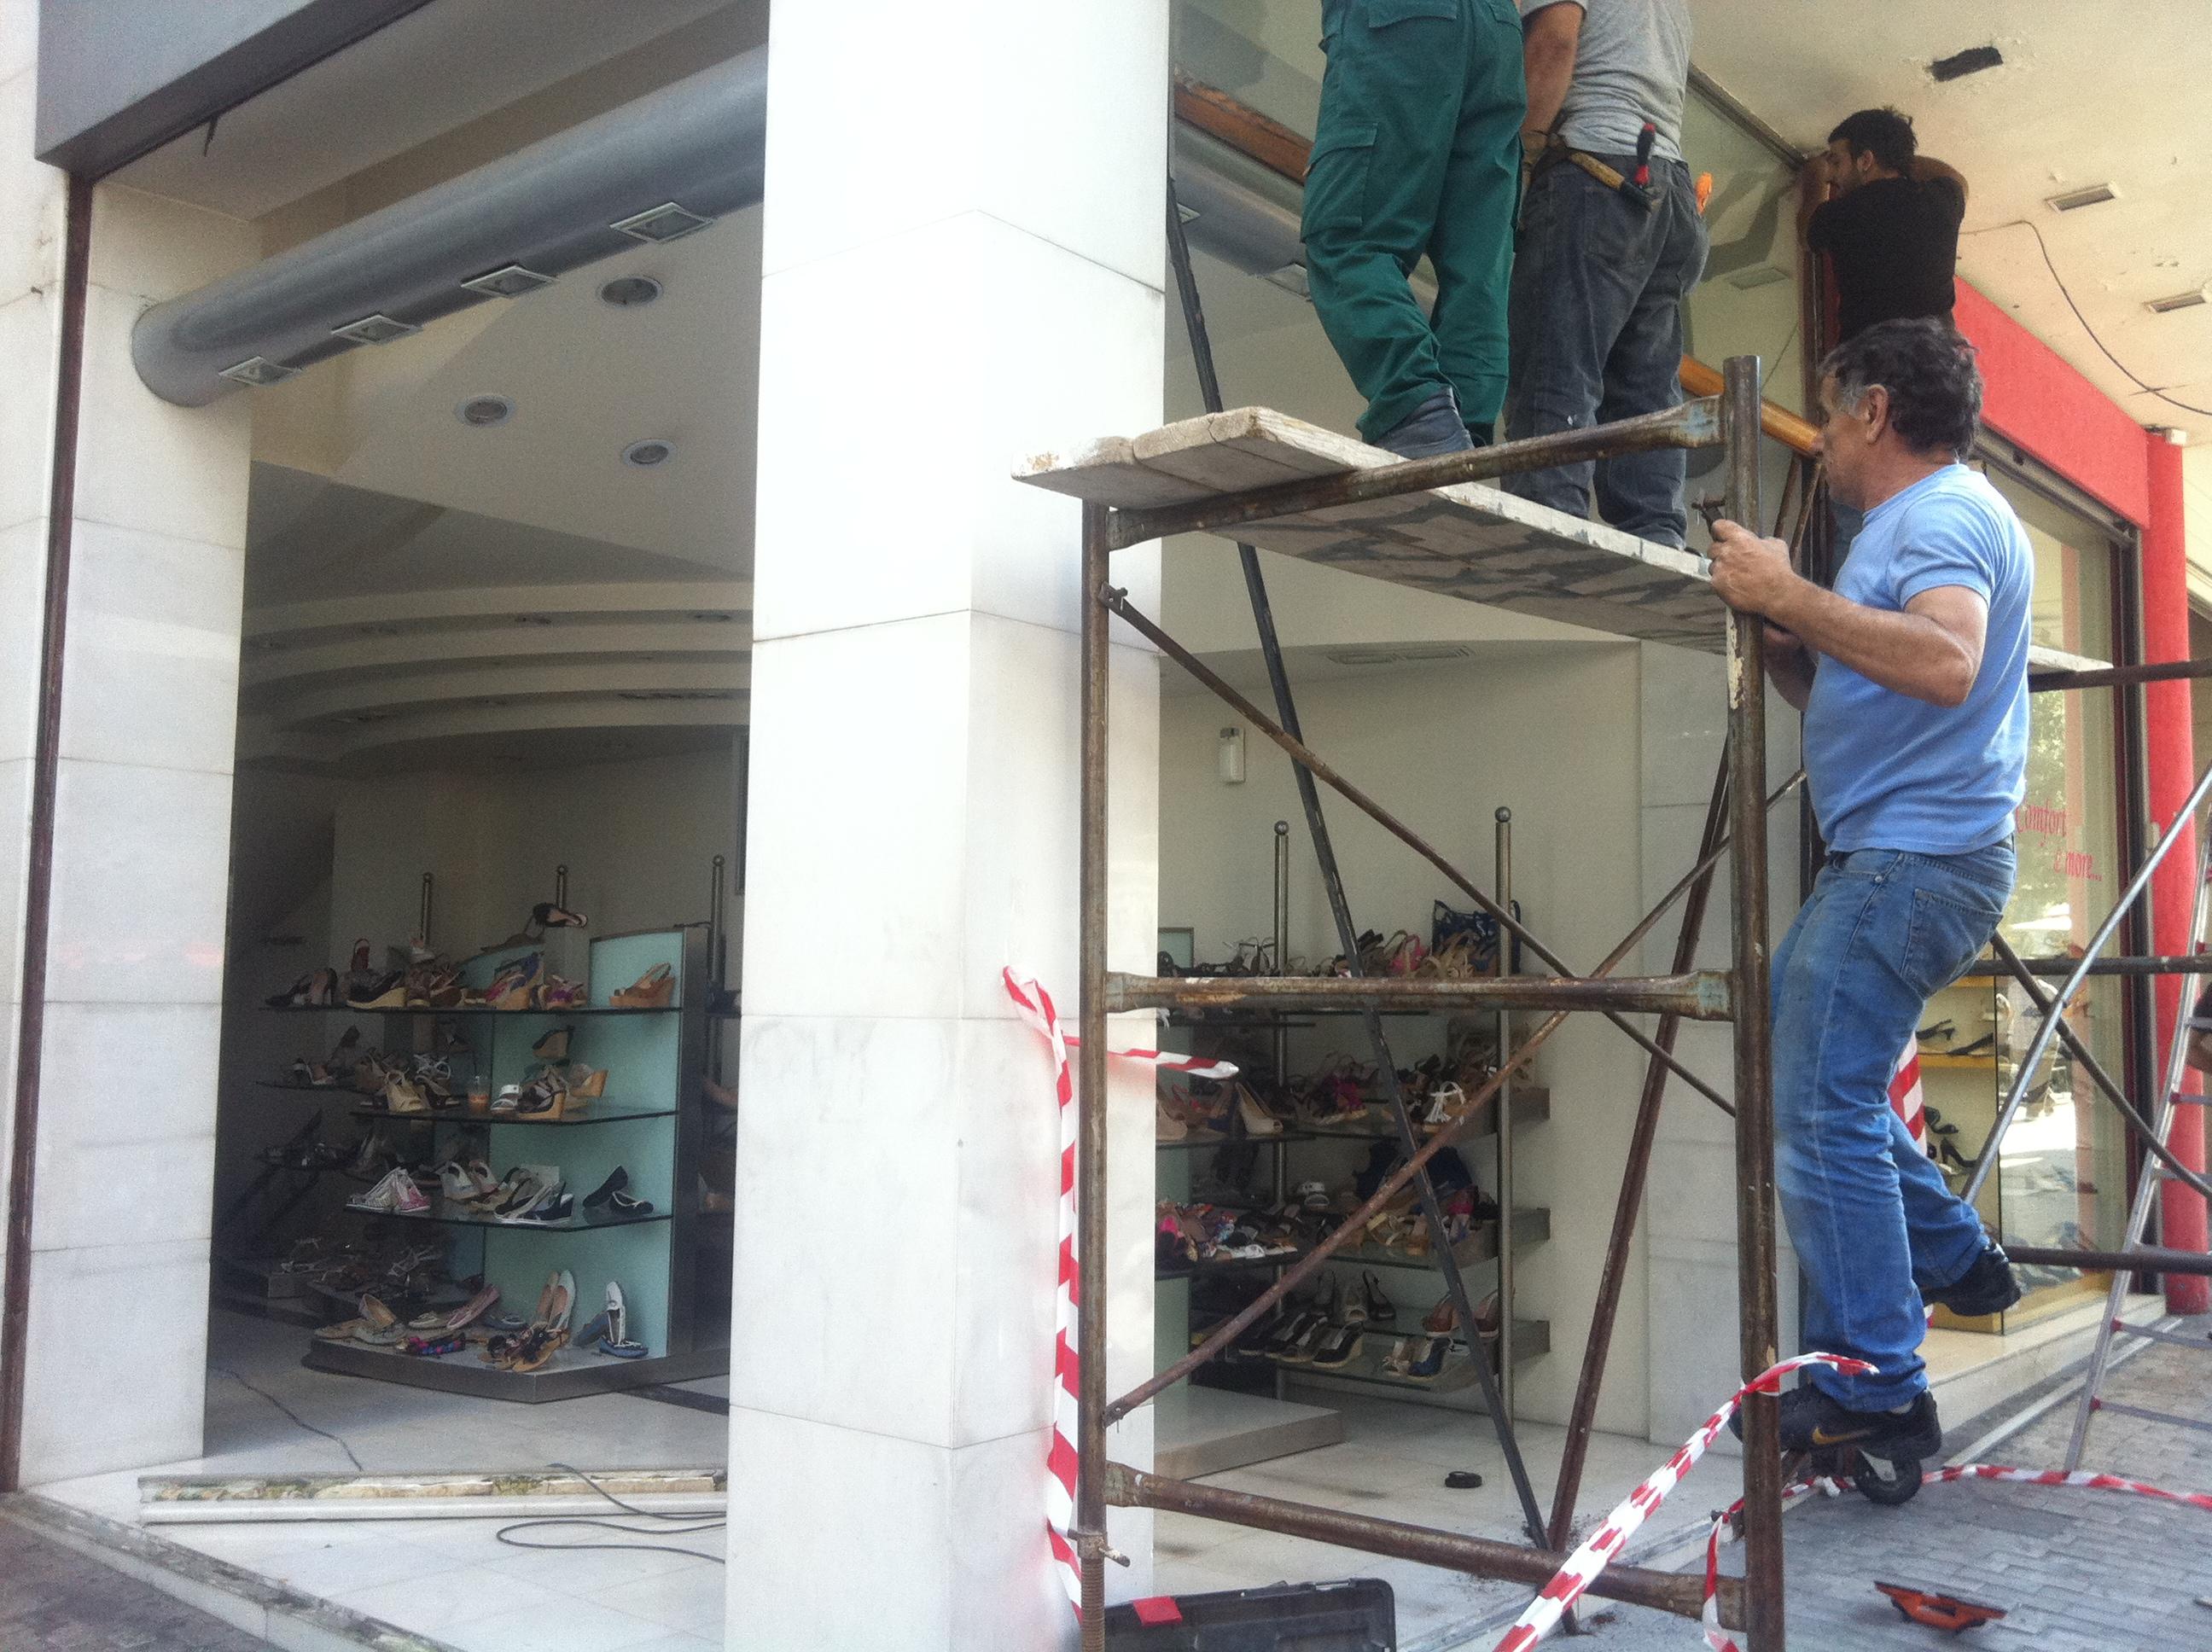 Οι σκαλωσιές στήθηκαν για την... ανακαίνιση που επέβαλαν οι κουκουλοφόροι